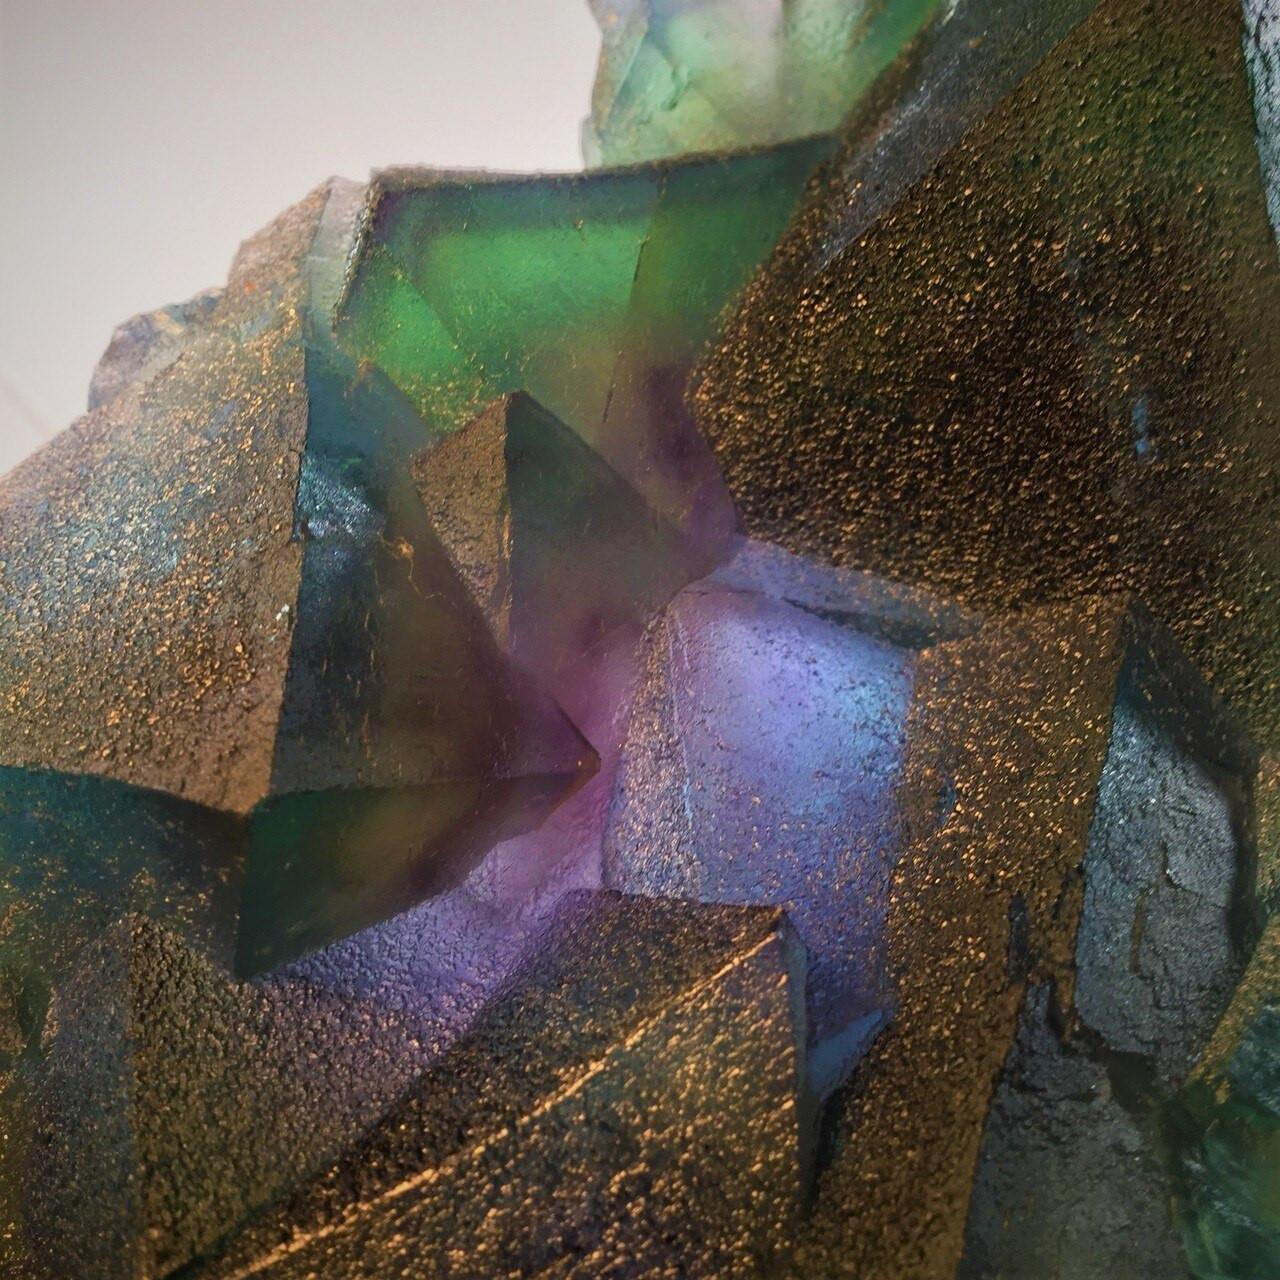 Mabuhay Mineral Specimens